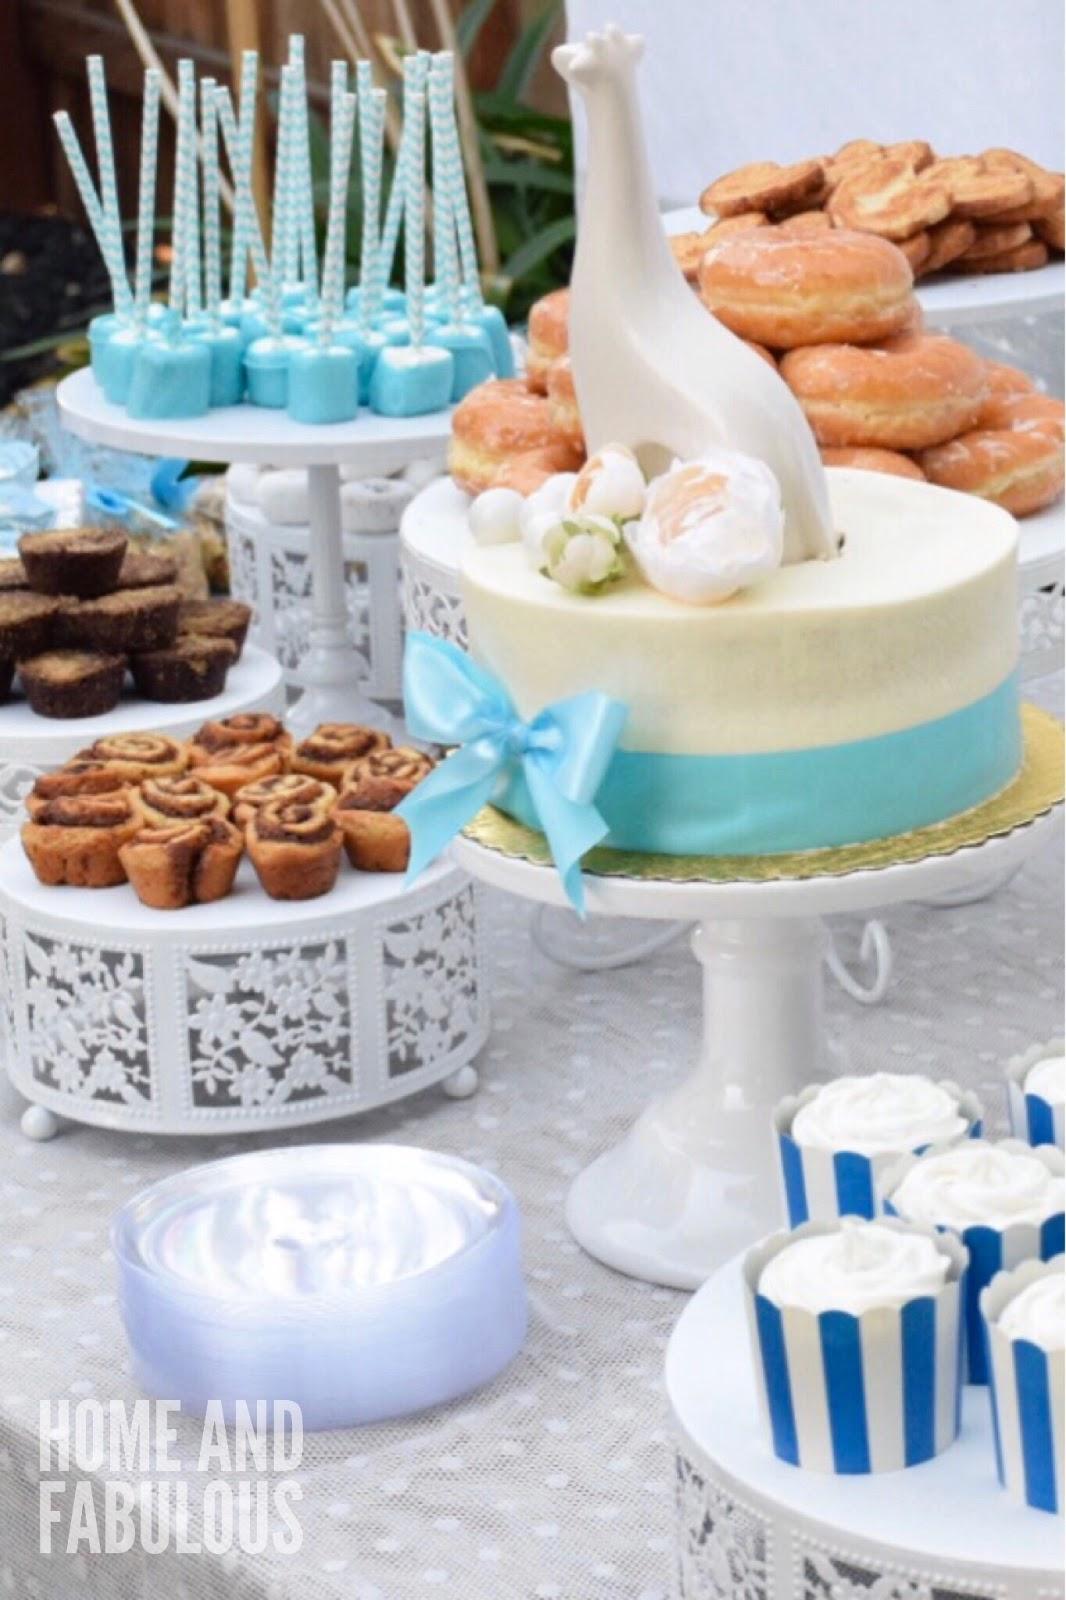 baby-shower-dessert-table-white-cake-stands-4.jpg